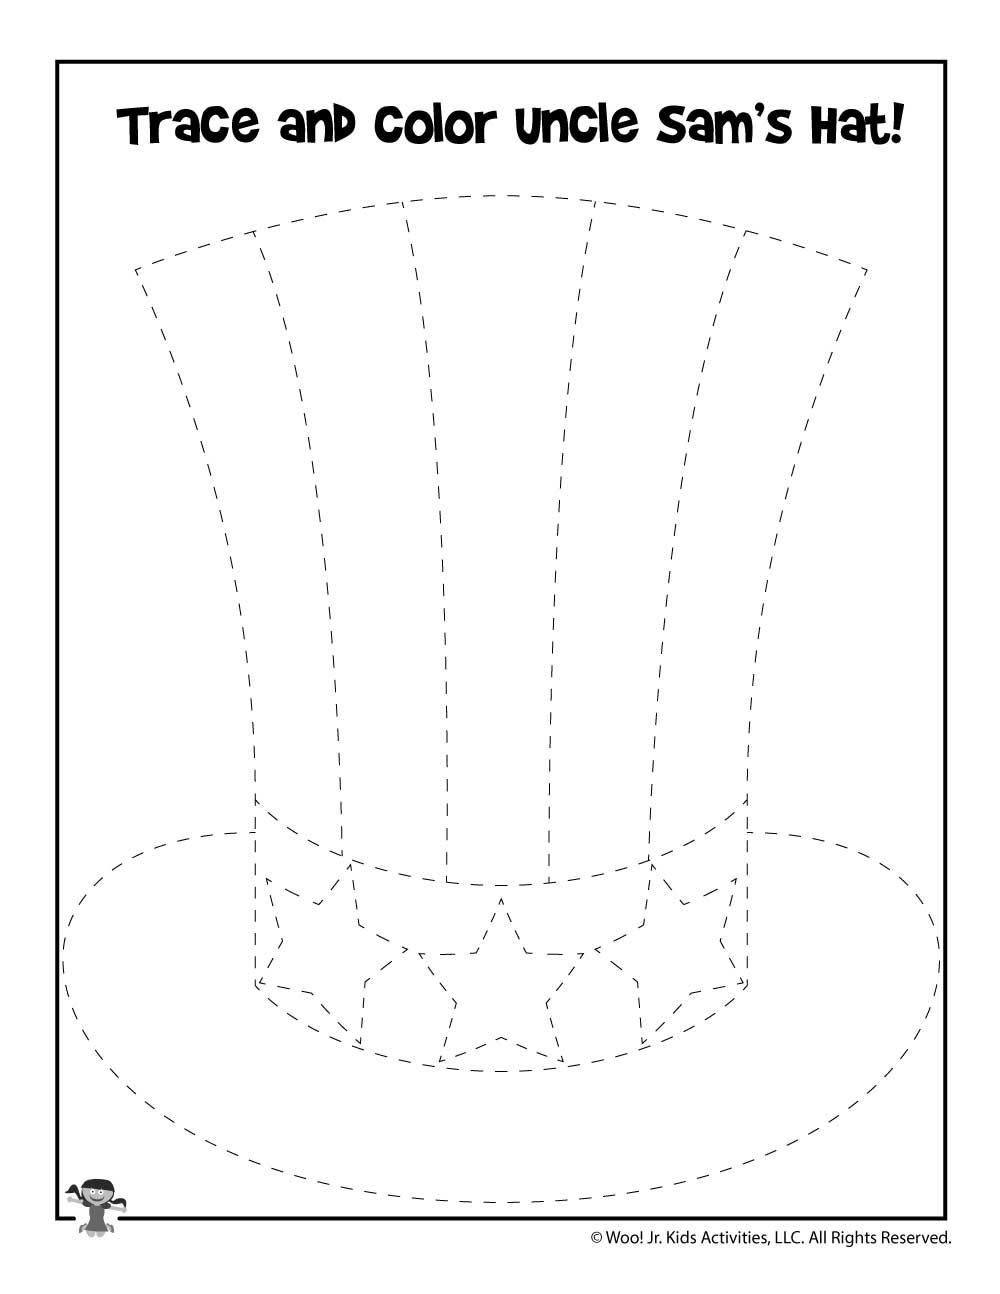 Uncle Sam Hat Tracing Drawing Activity | Woo! Jr  Kids